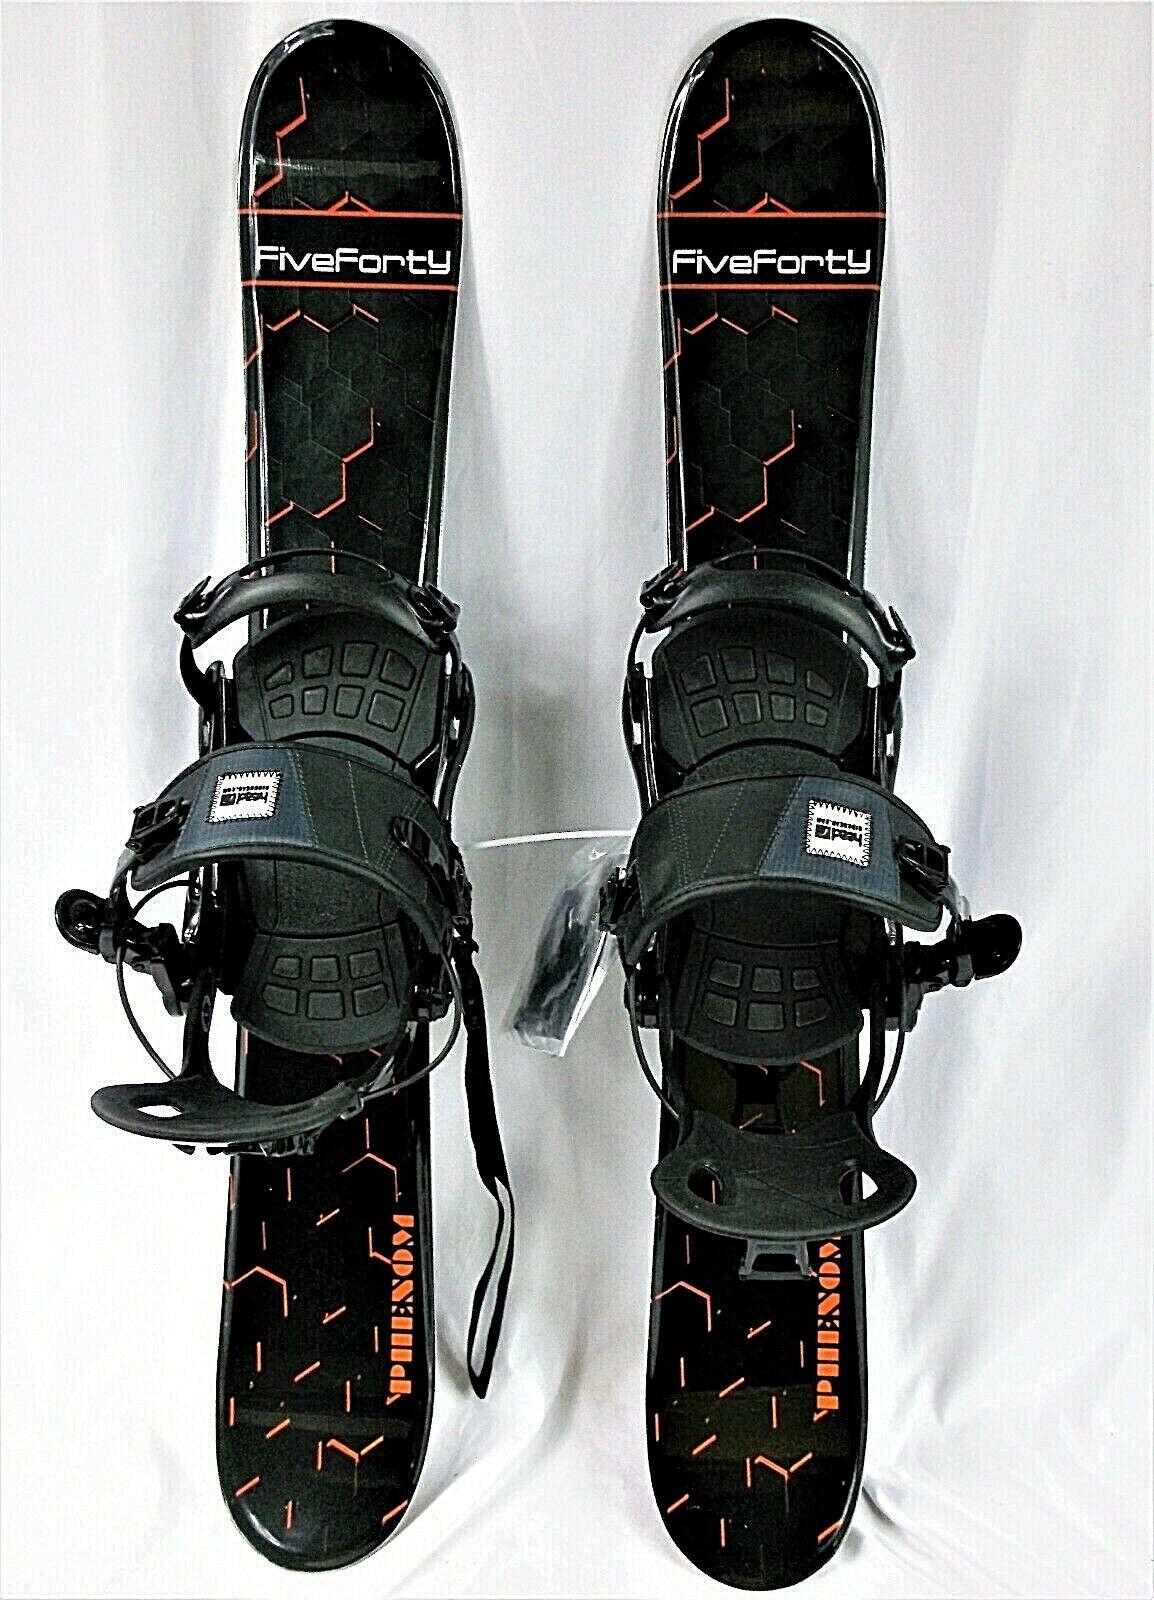 Un  paquete de pestillo, Snowblade, Blades de ancho 90cm fivefortyphenom Nx Fijaciones Head  mejor moda